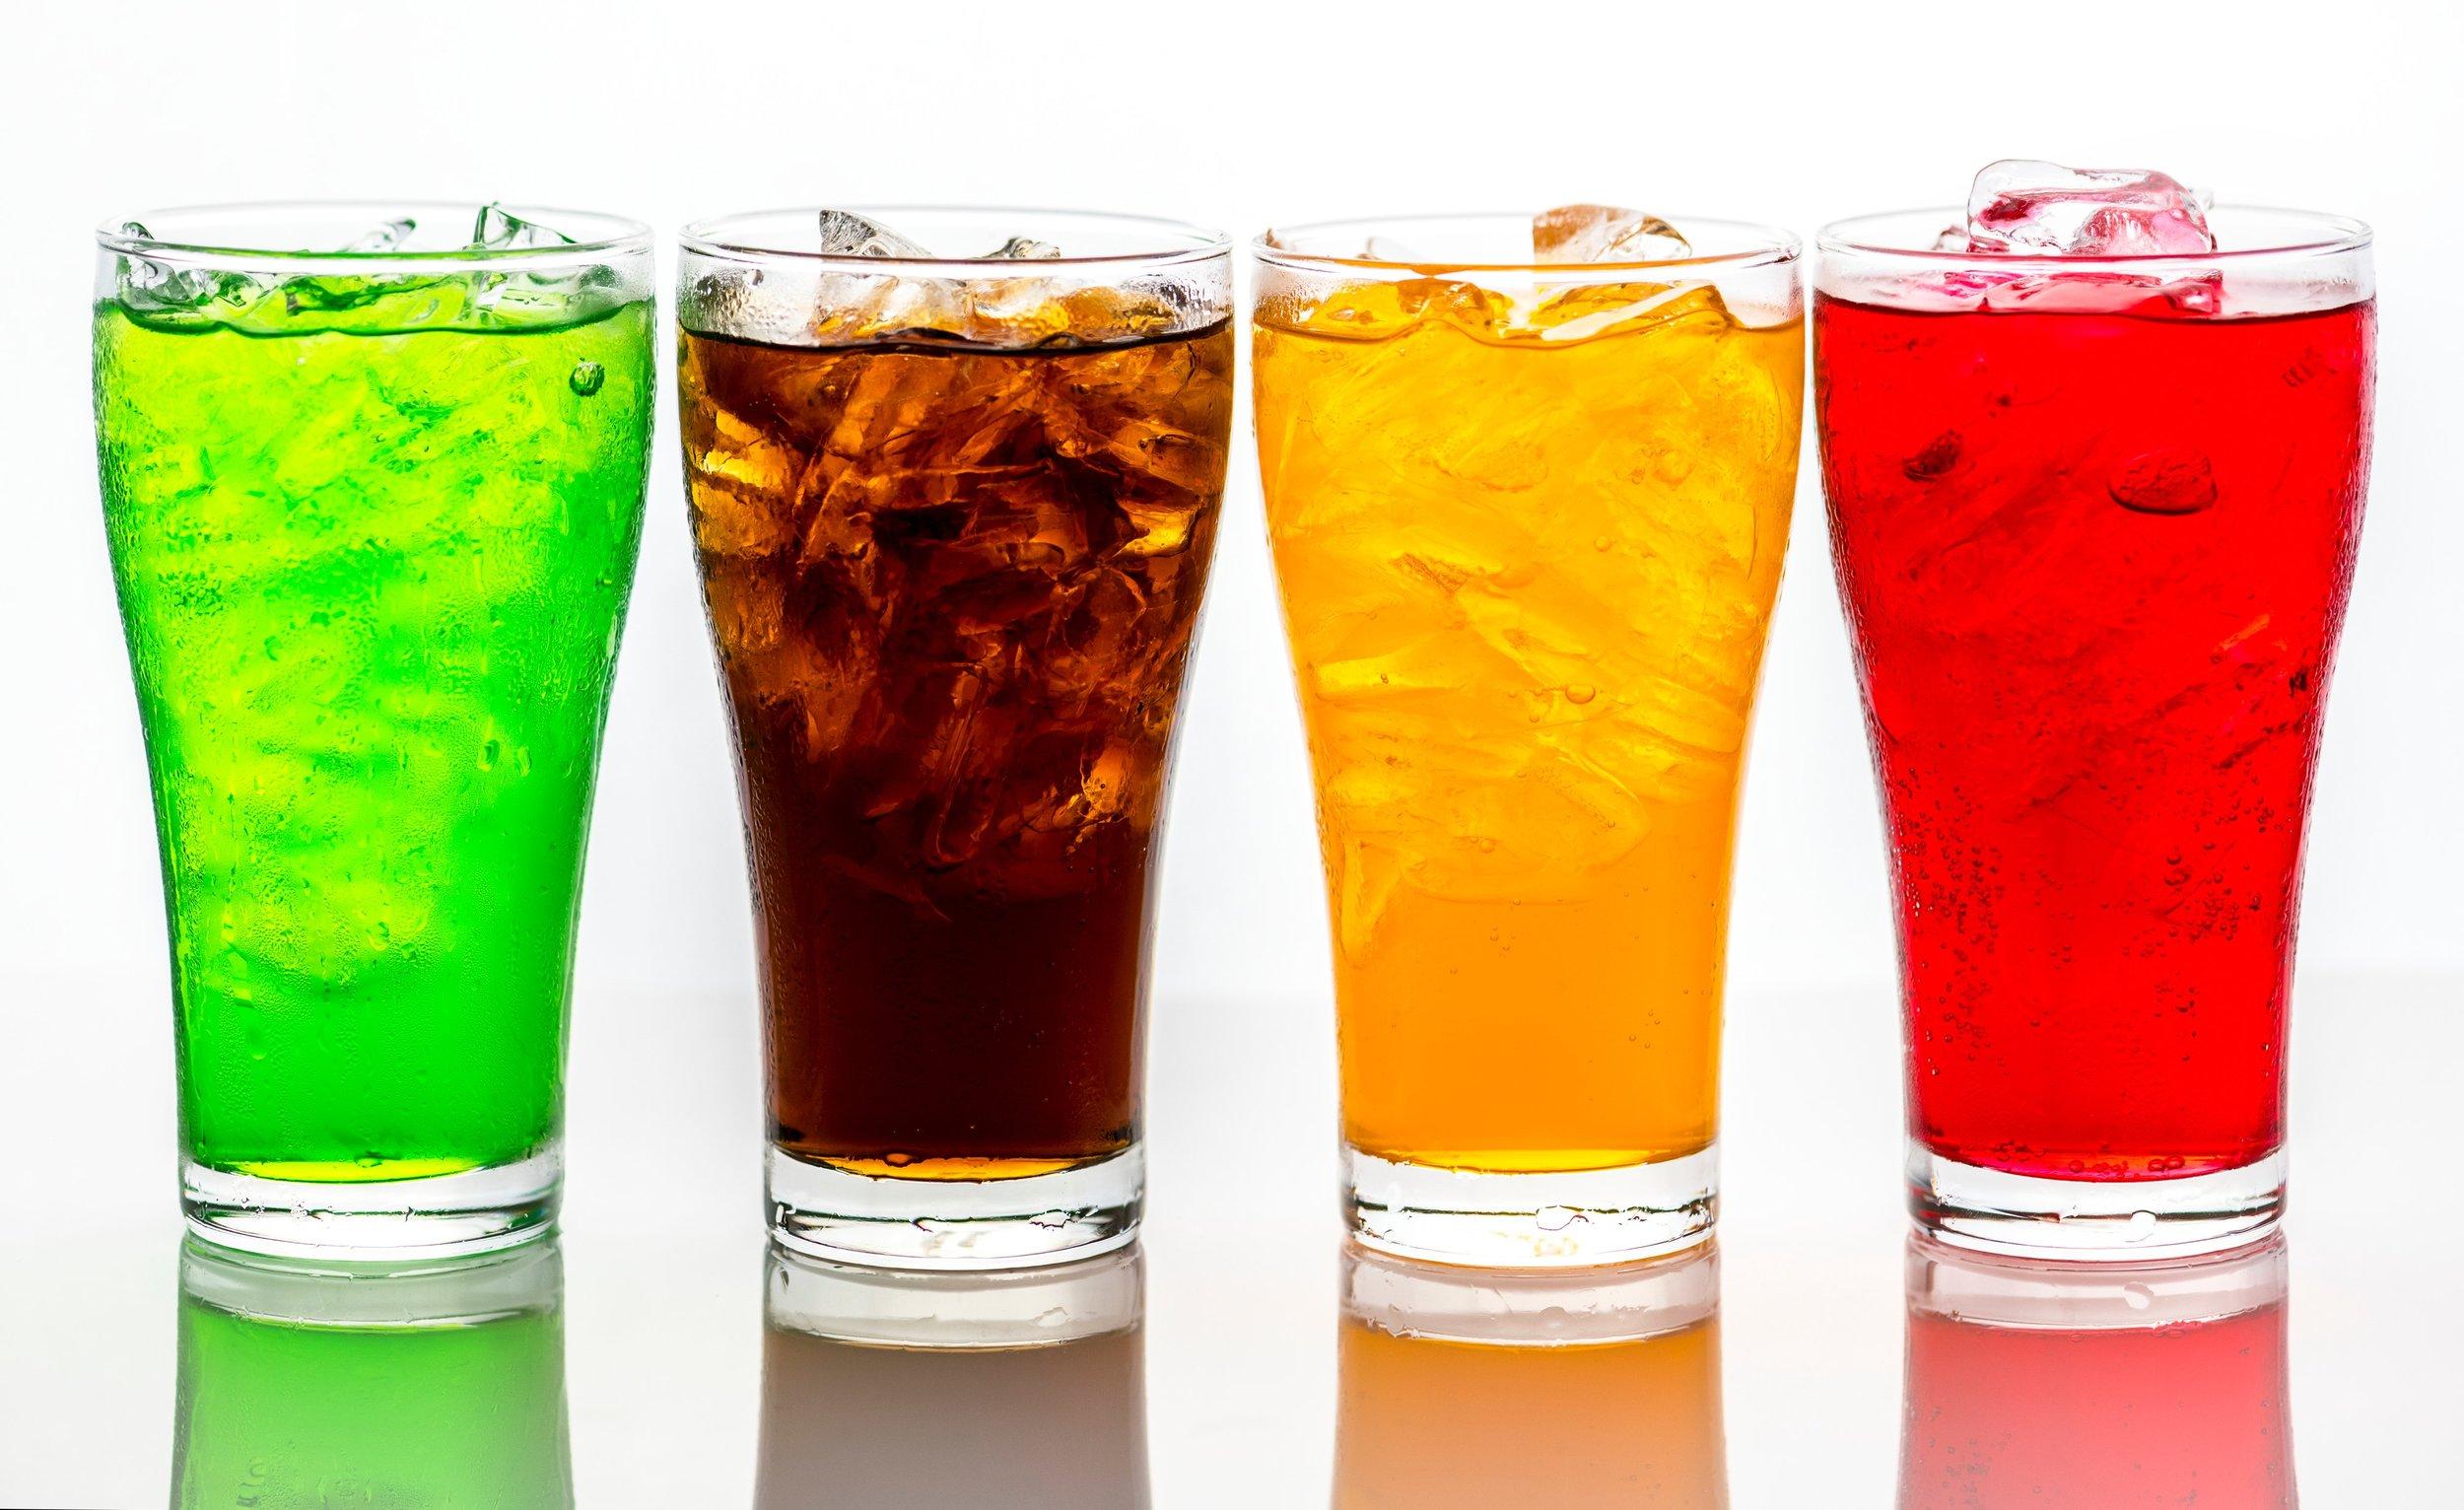 beverages-carbonated-drink-cold-drink-1571849.jpg